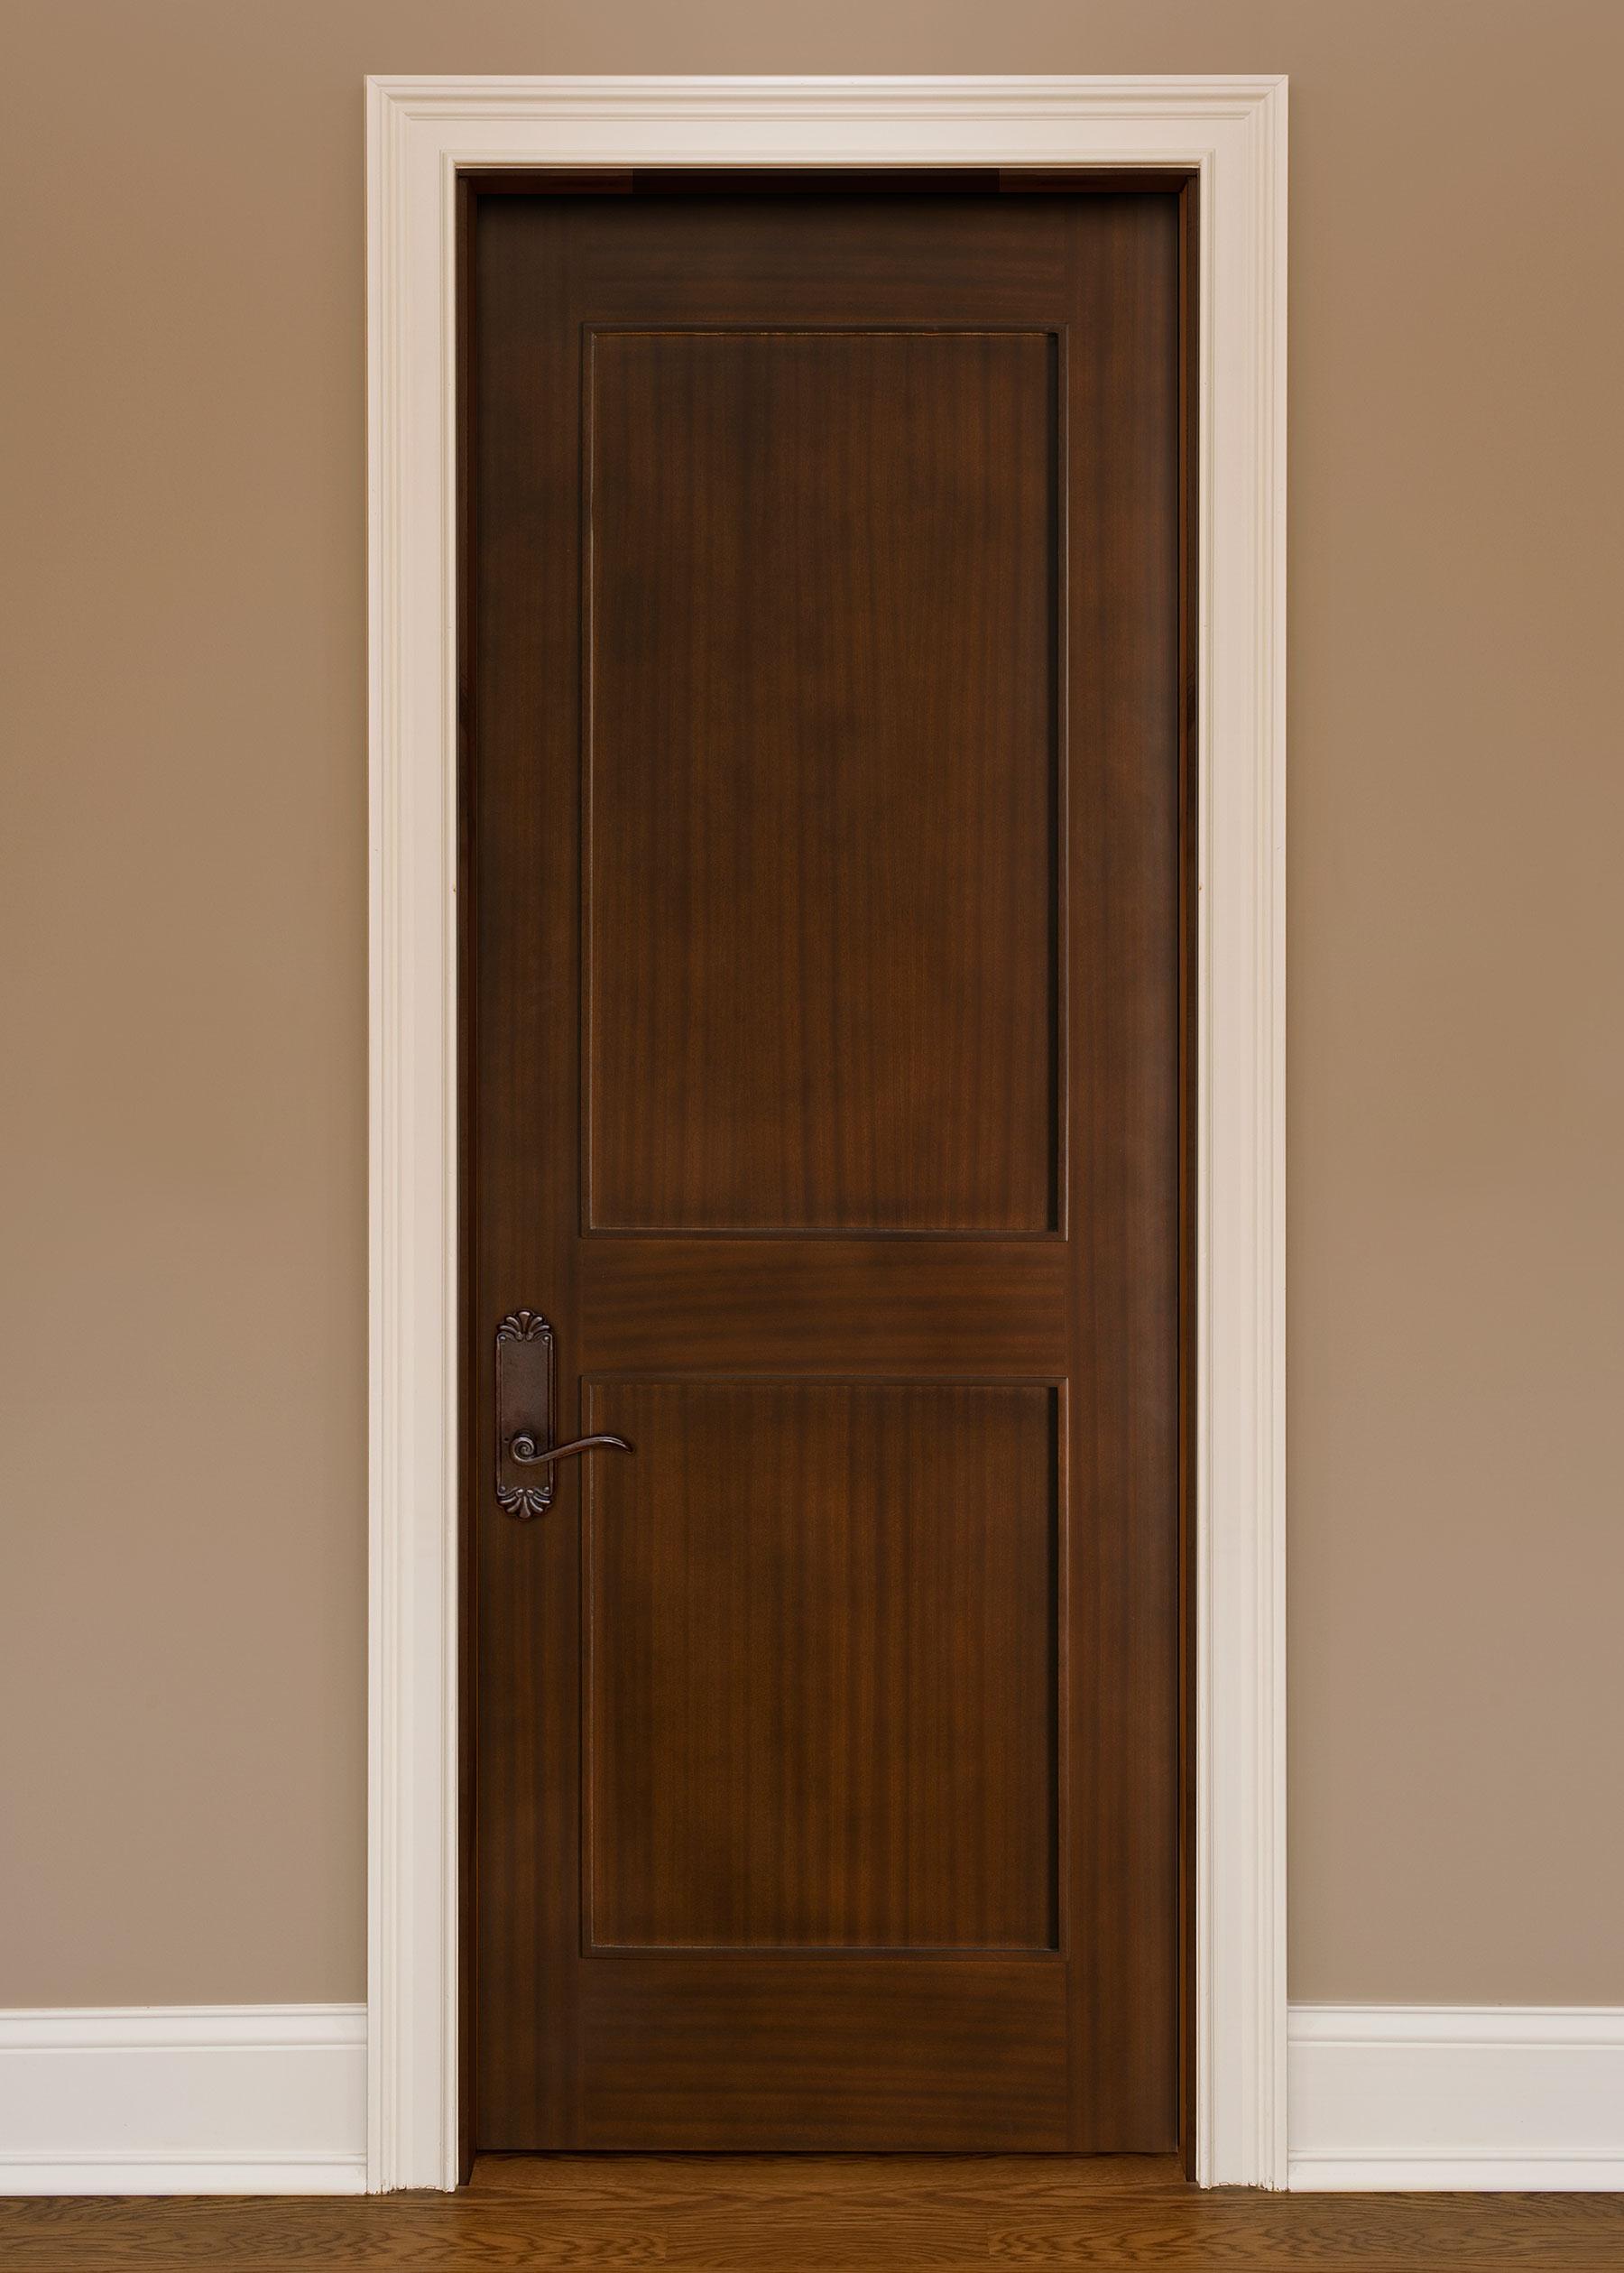 Custom Wood Interior Doors | Custom Interior 2 Flat Panel Solid Wood Door  - Glenview Doors - Custom Doors in Chicago